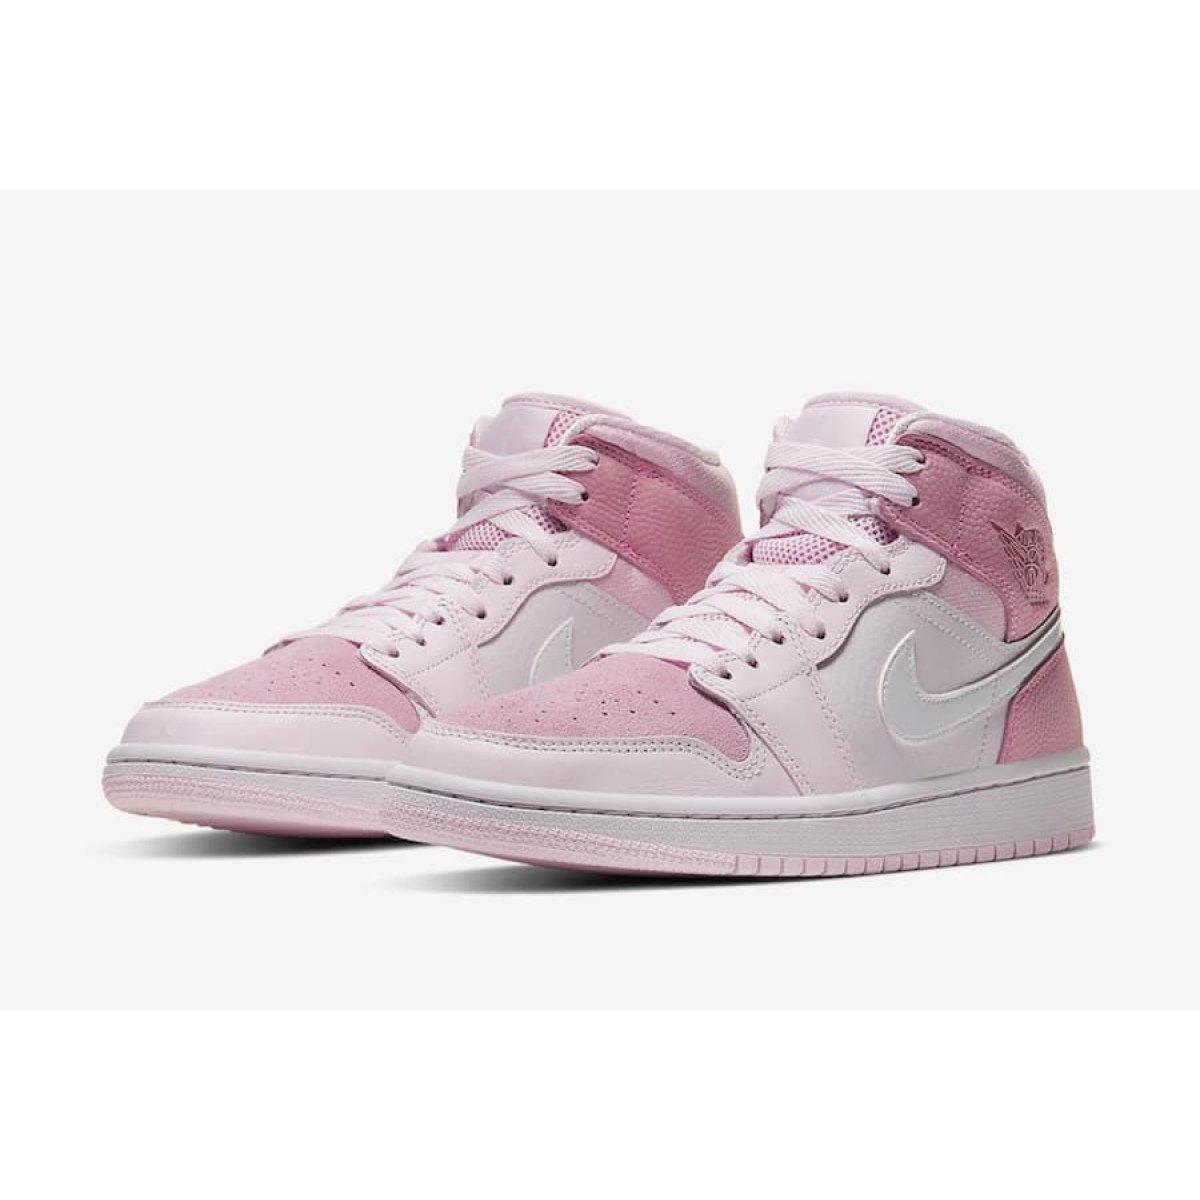 Air Jordan 1 Mid WMNS Digital Pink